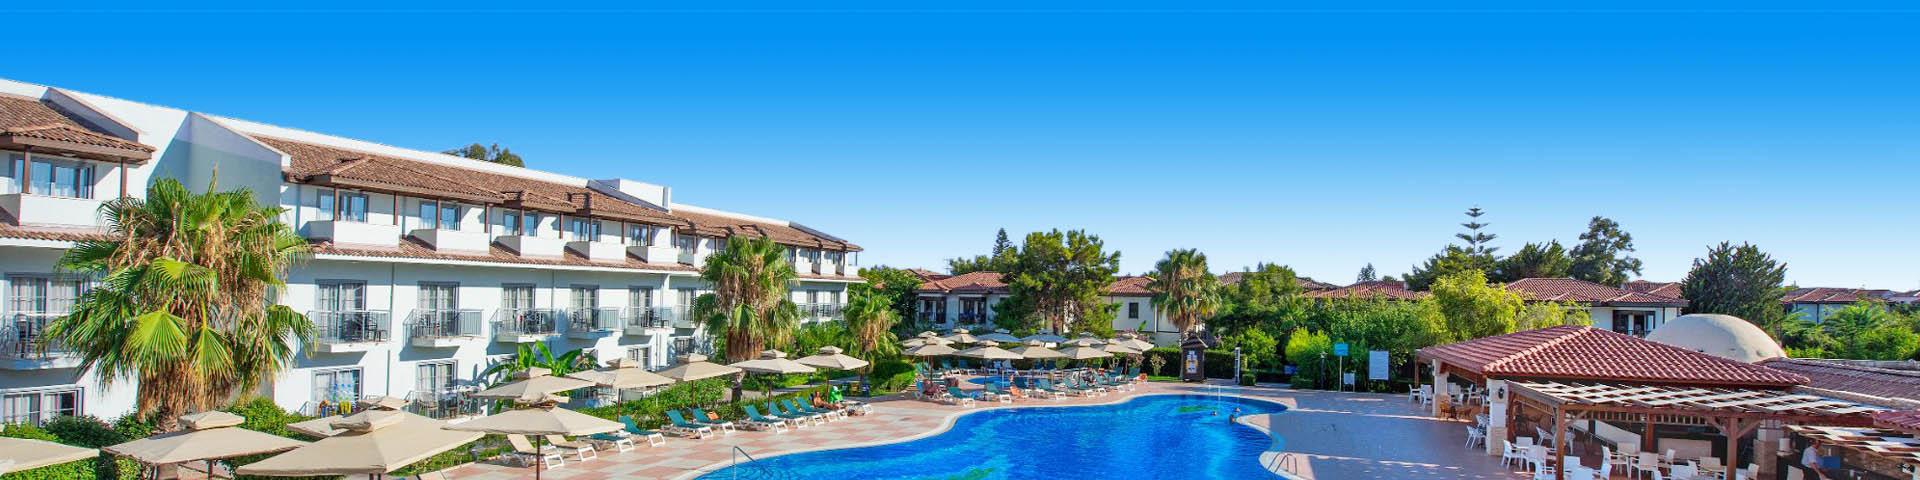 Luxe aparthotel in Side, Turkije met mooi zwembad en zonneterras